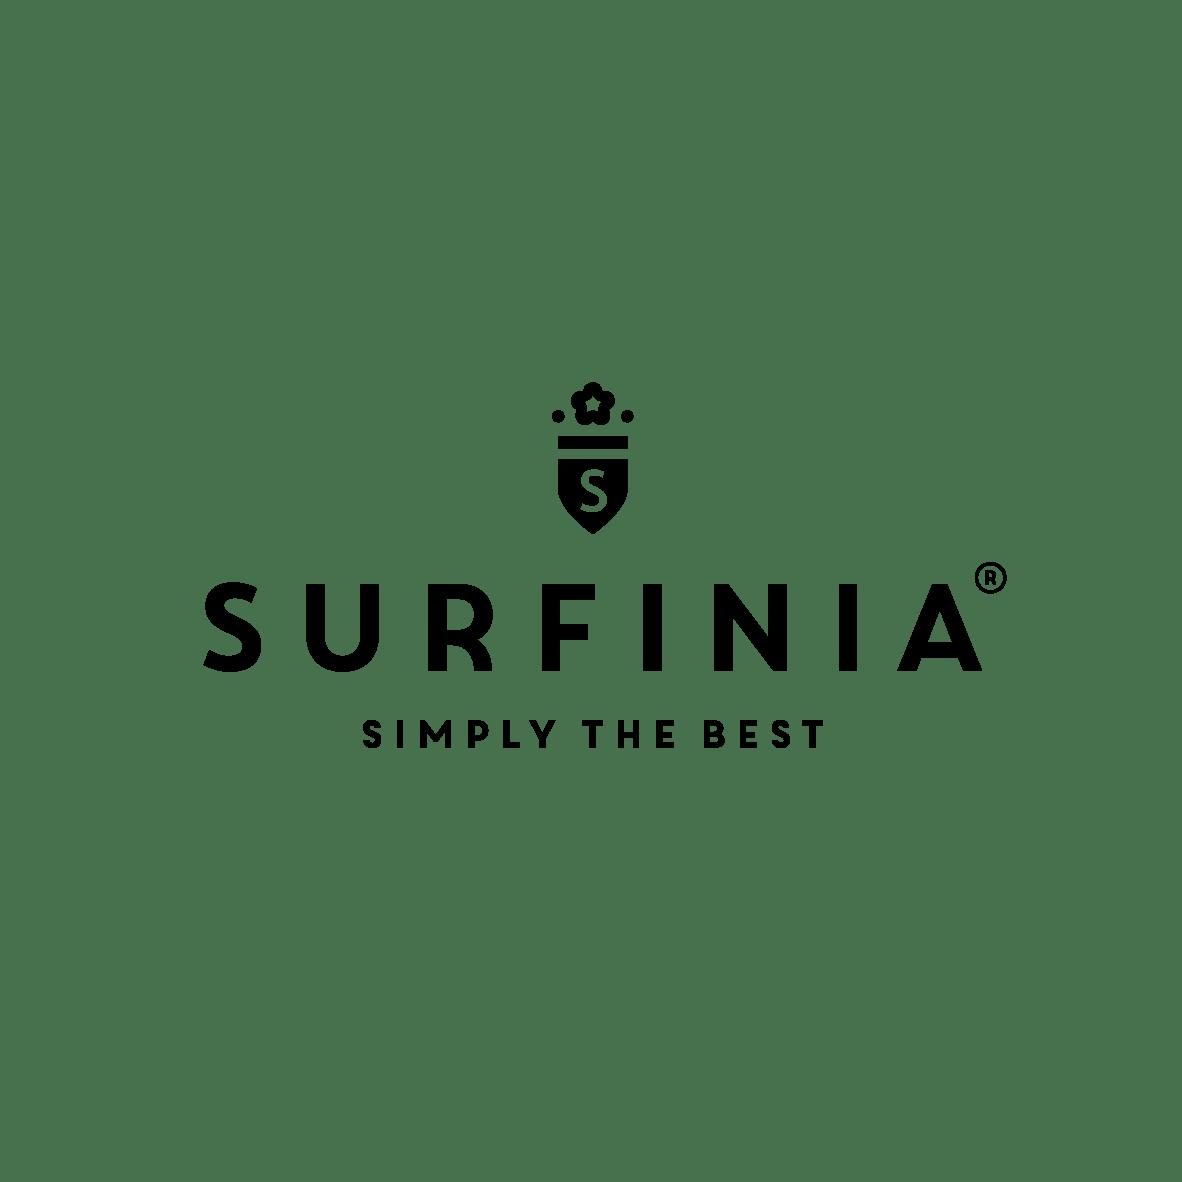 Surfinia logo black